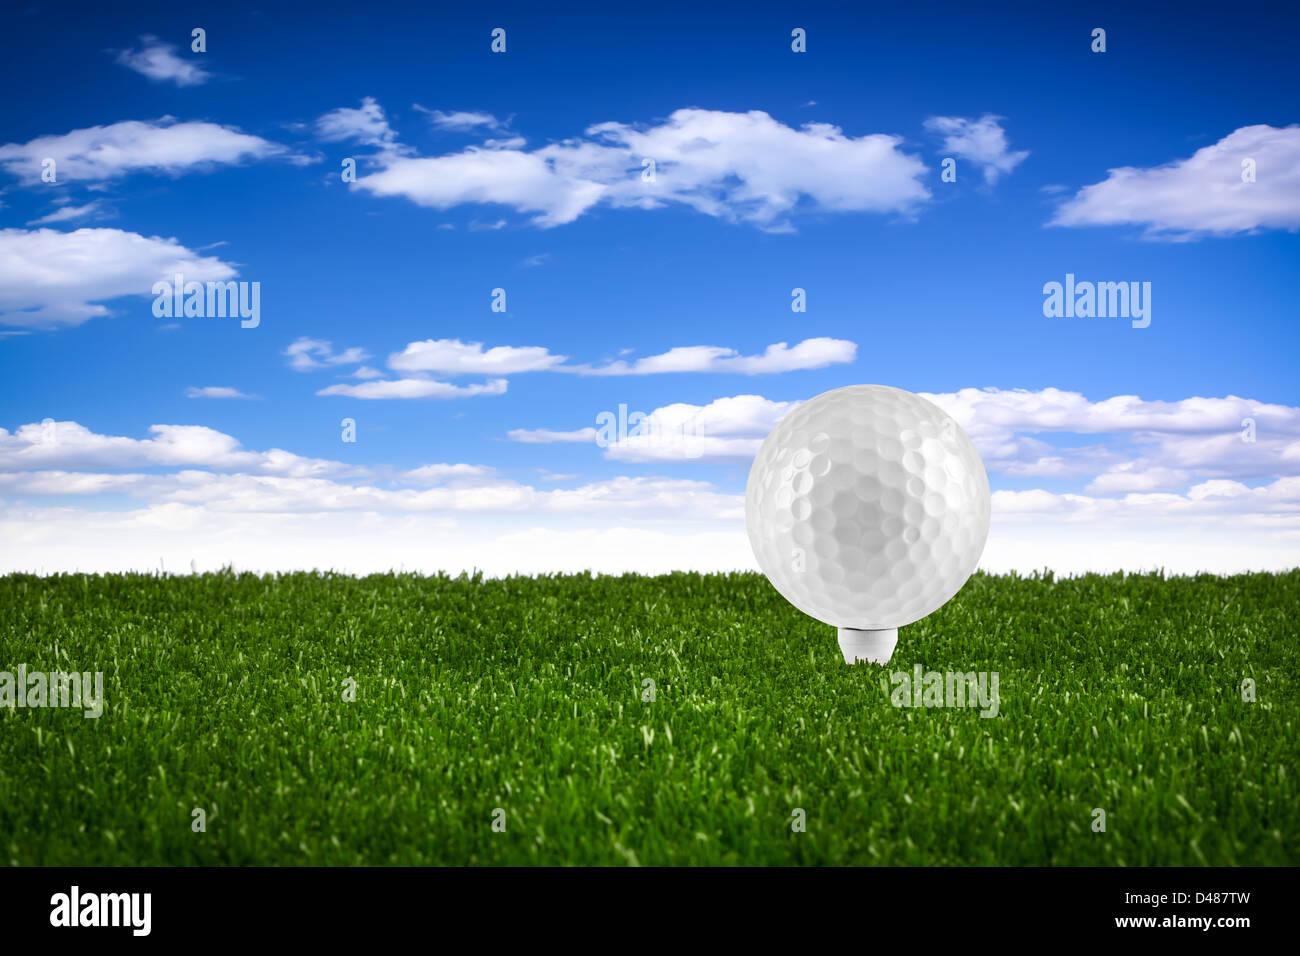 golf ball on tee on gras - Stock Image